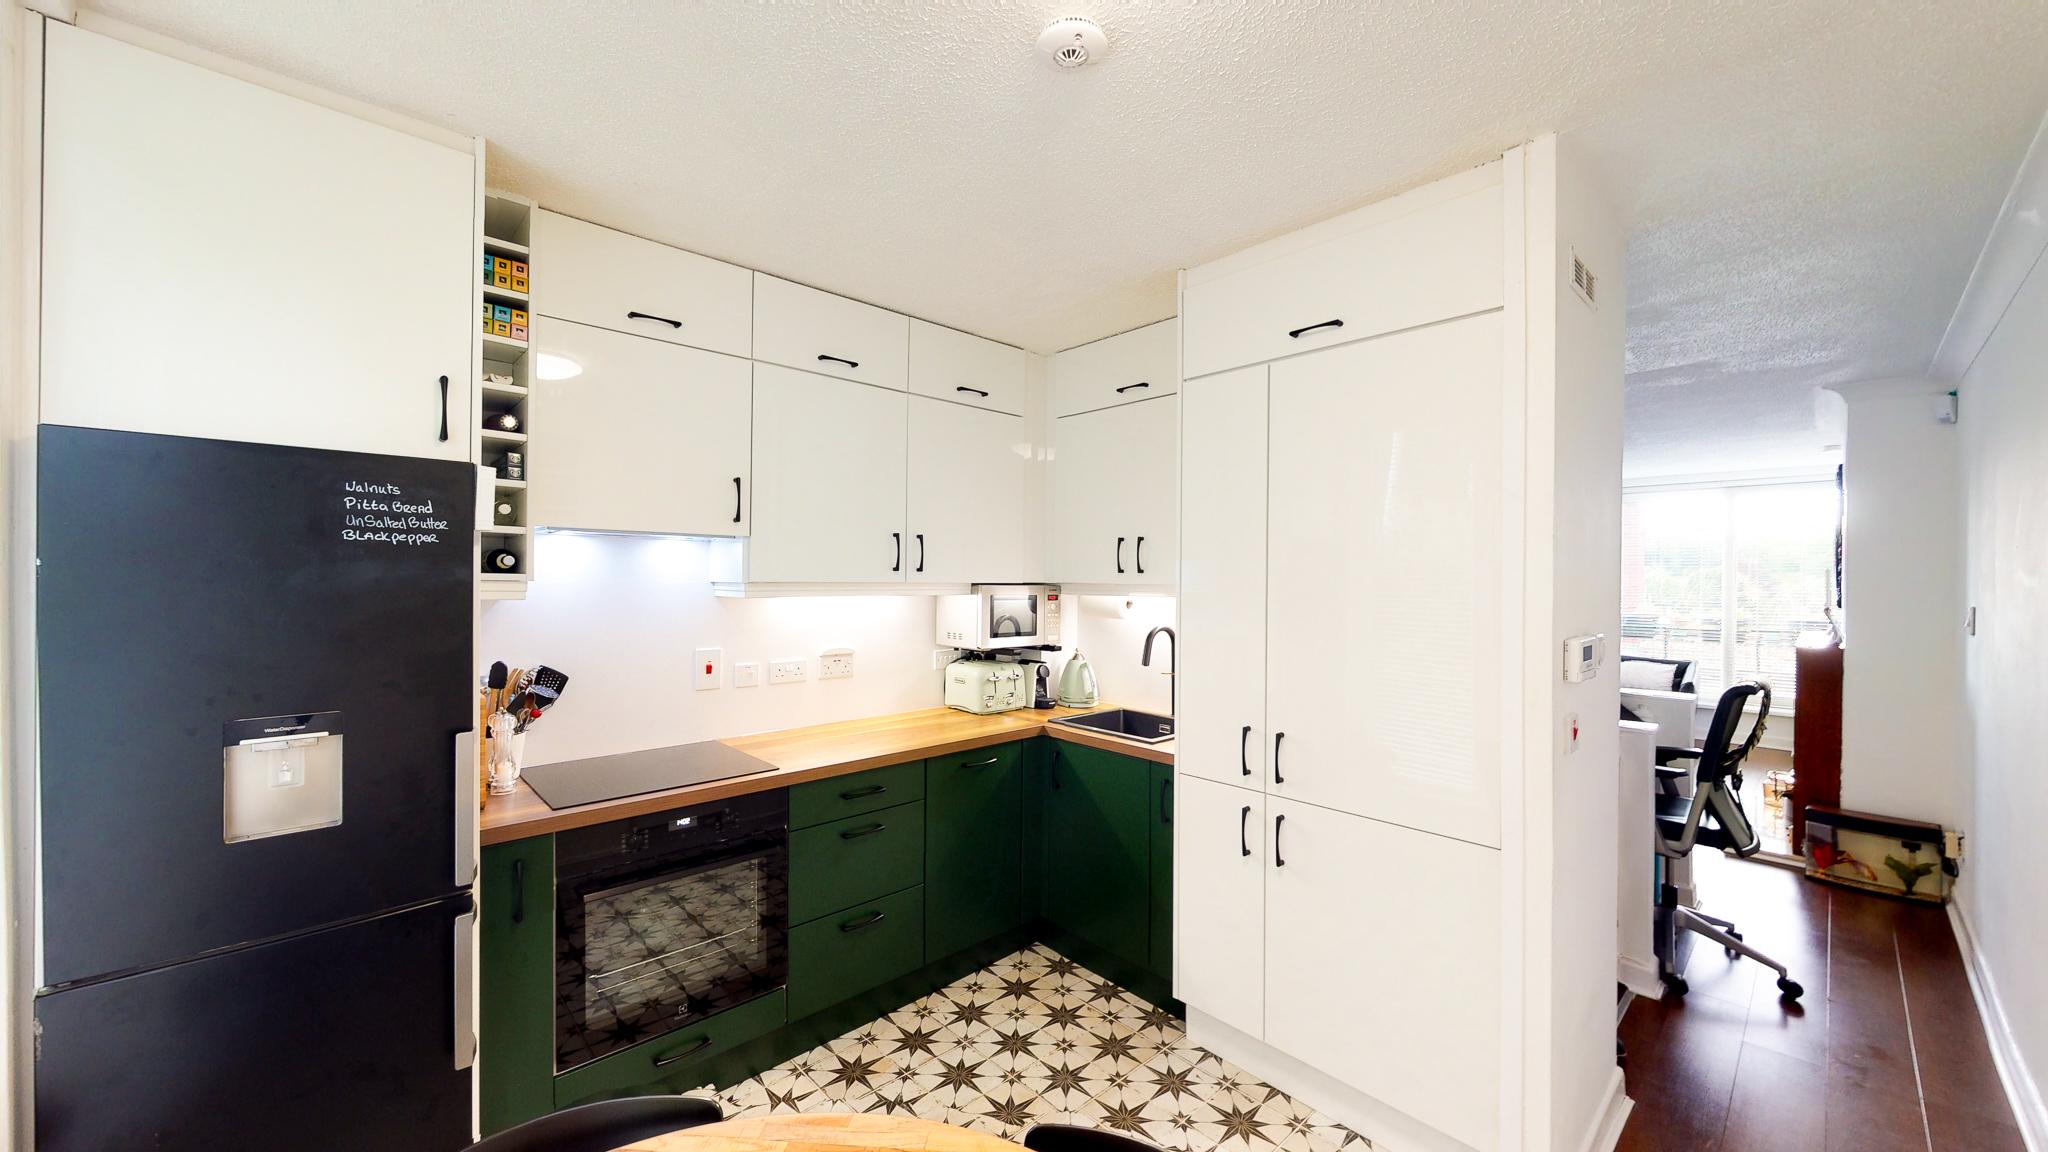 chapelizod kitchen